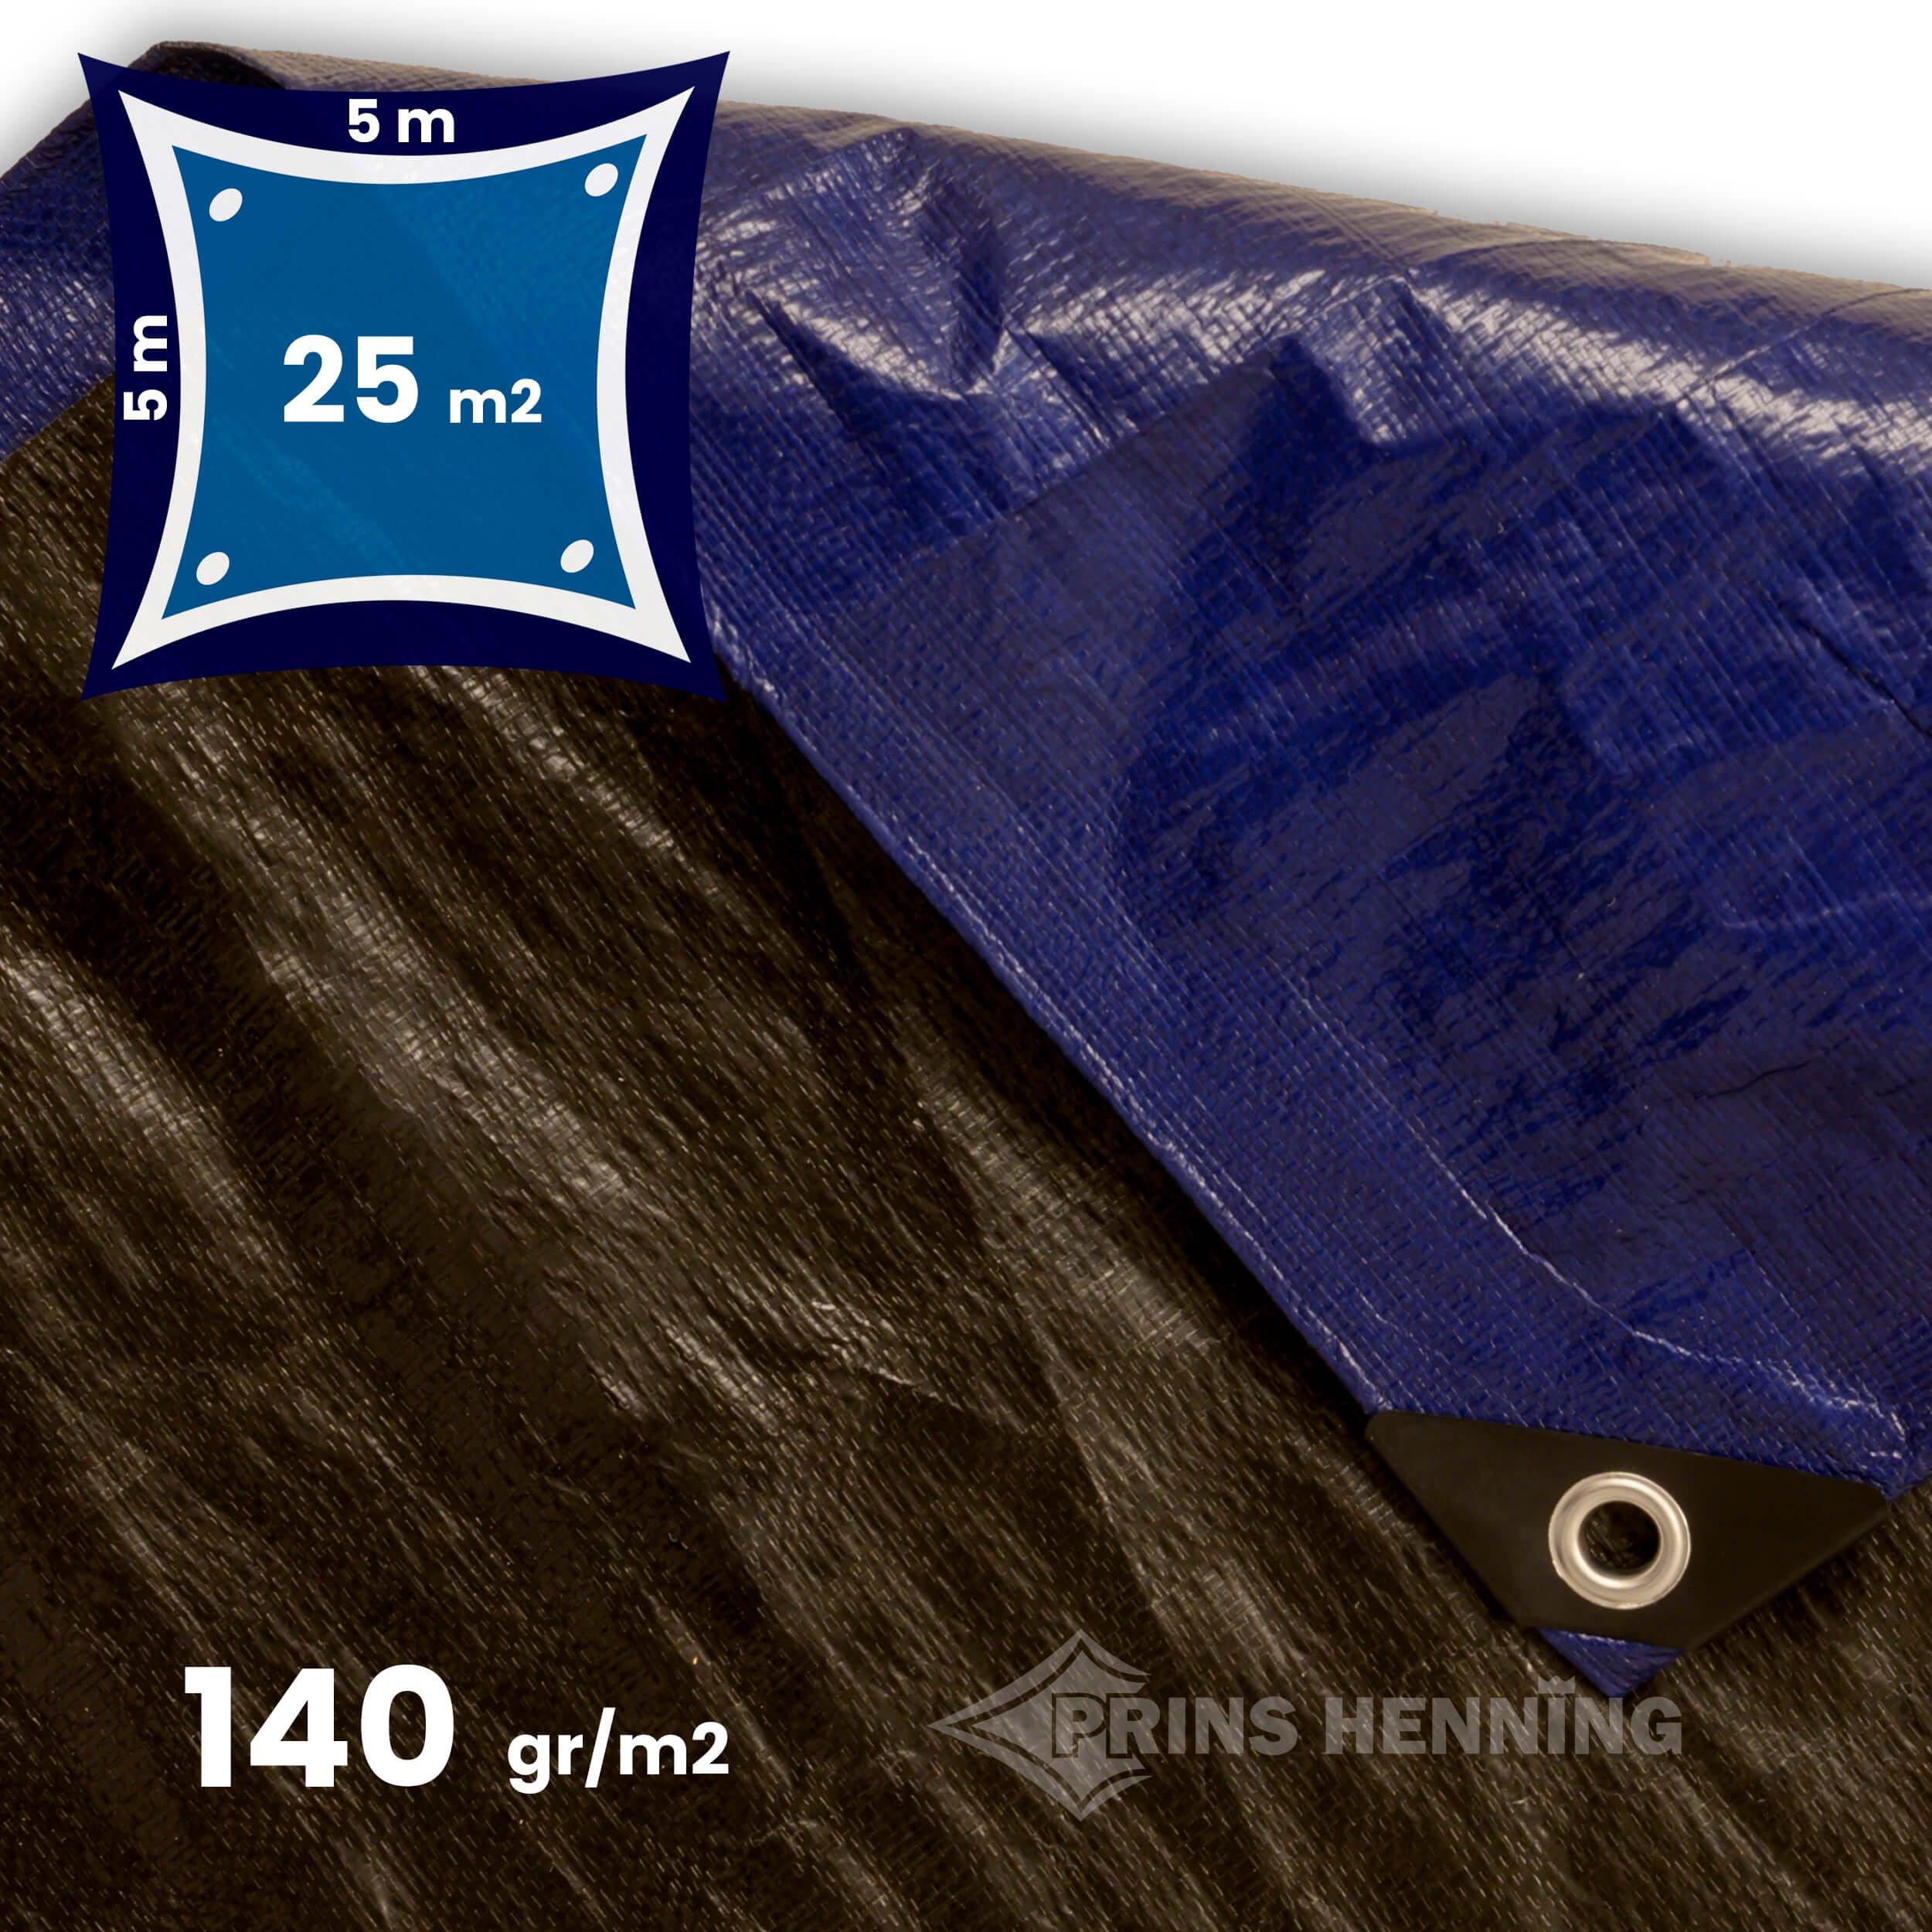 Stærk presenning, 5x5 meter, blå/sort, 140 gr/m2